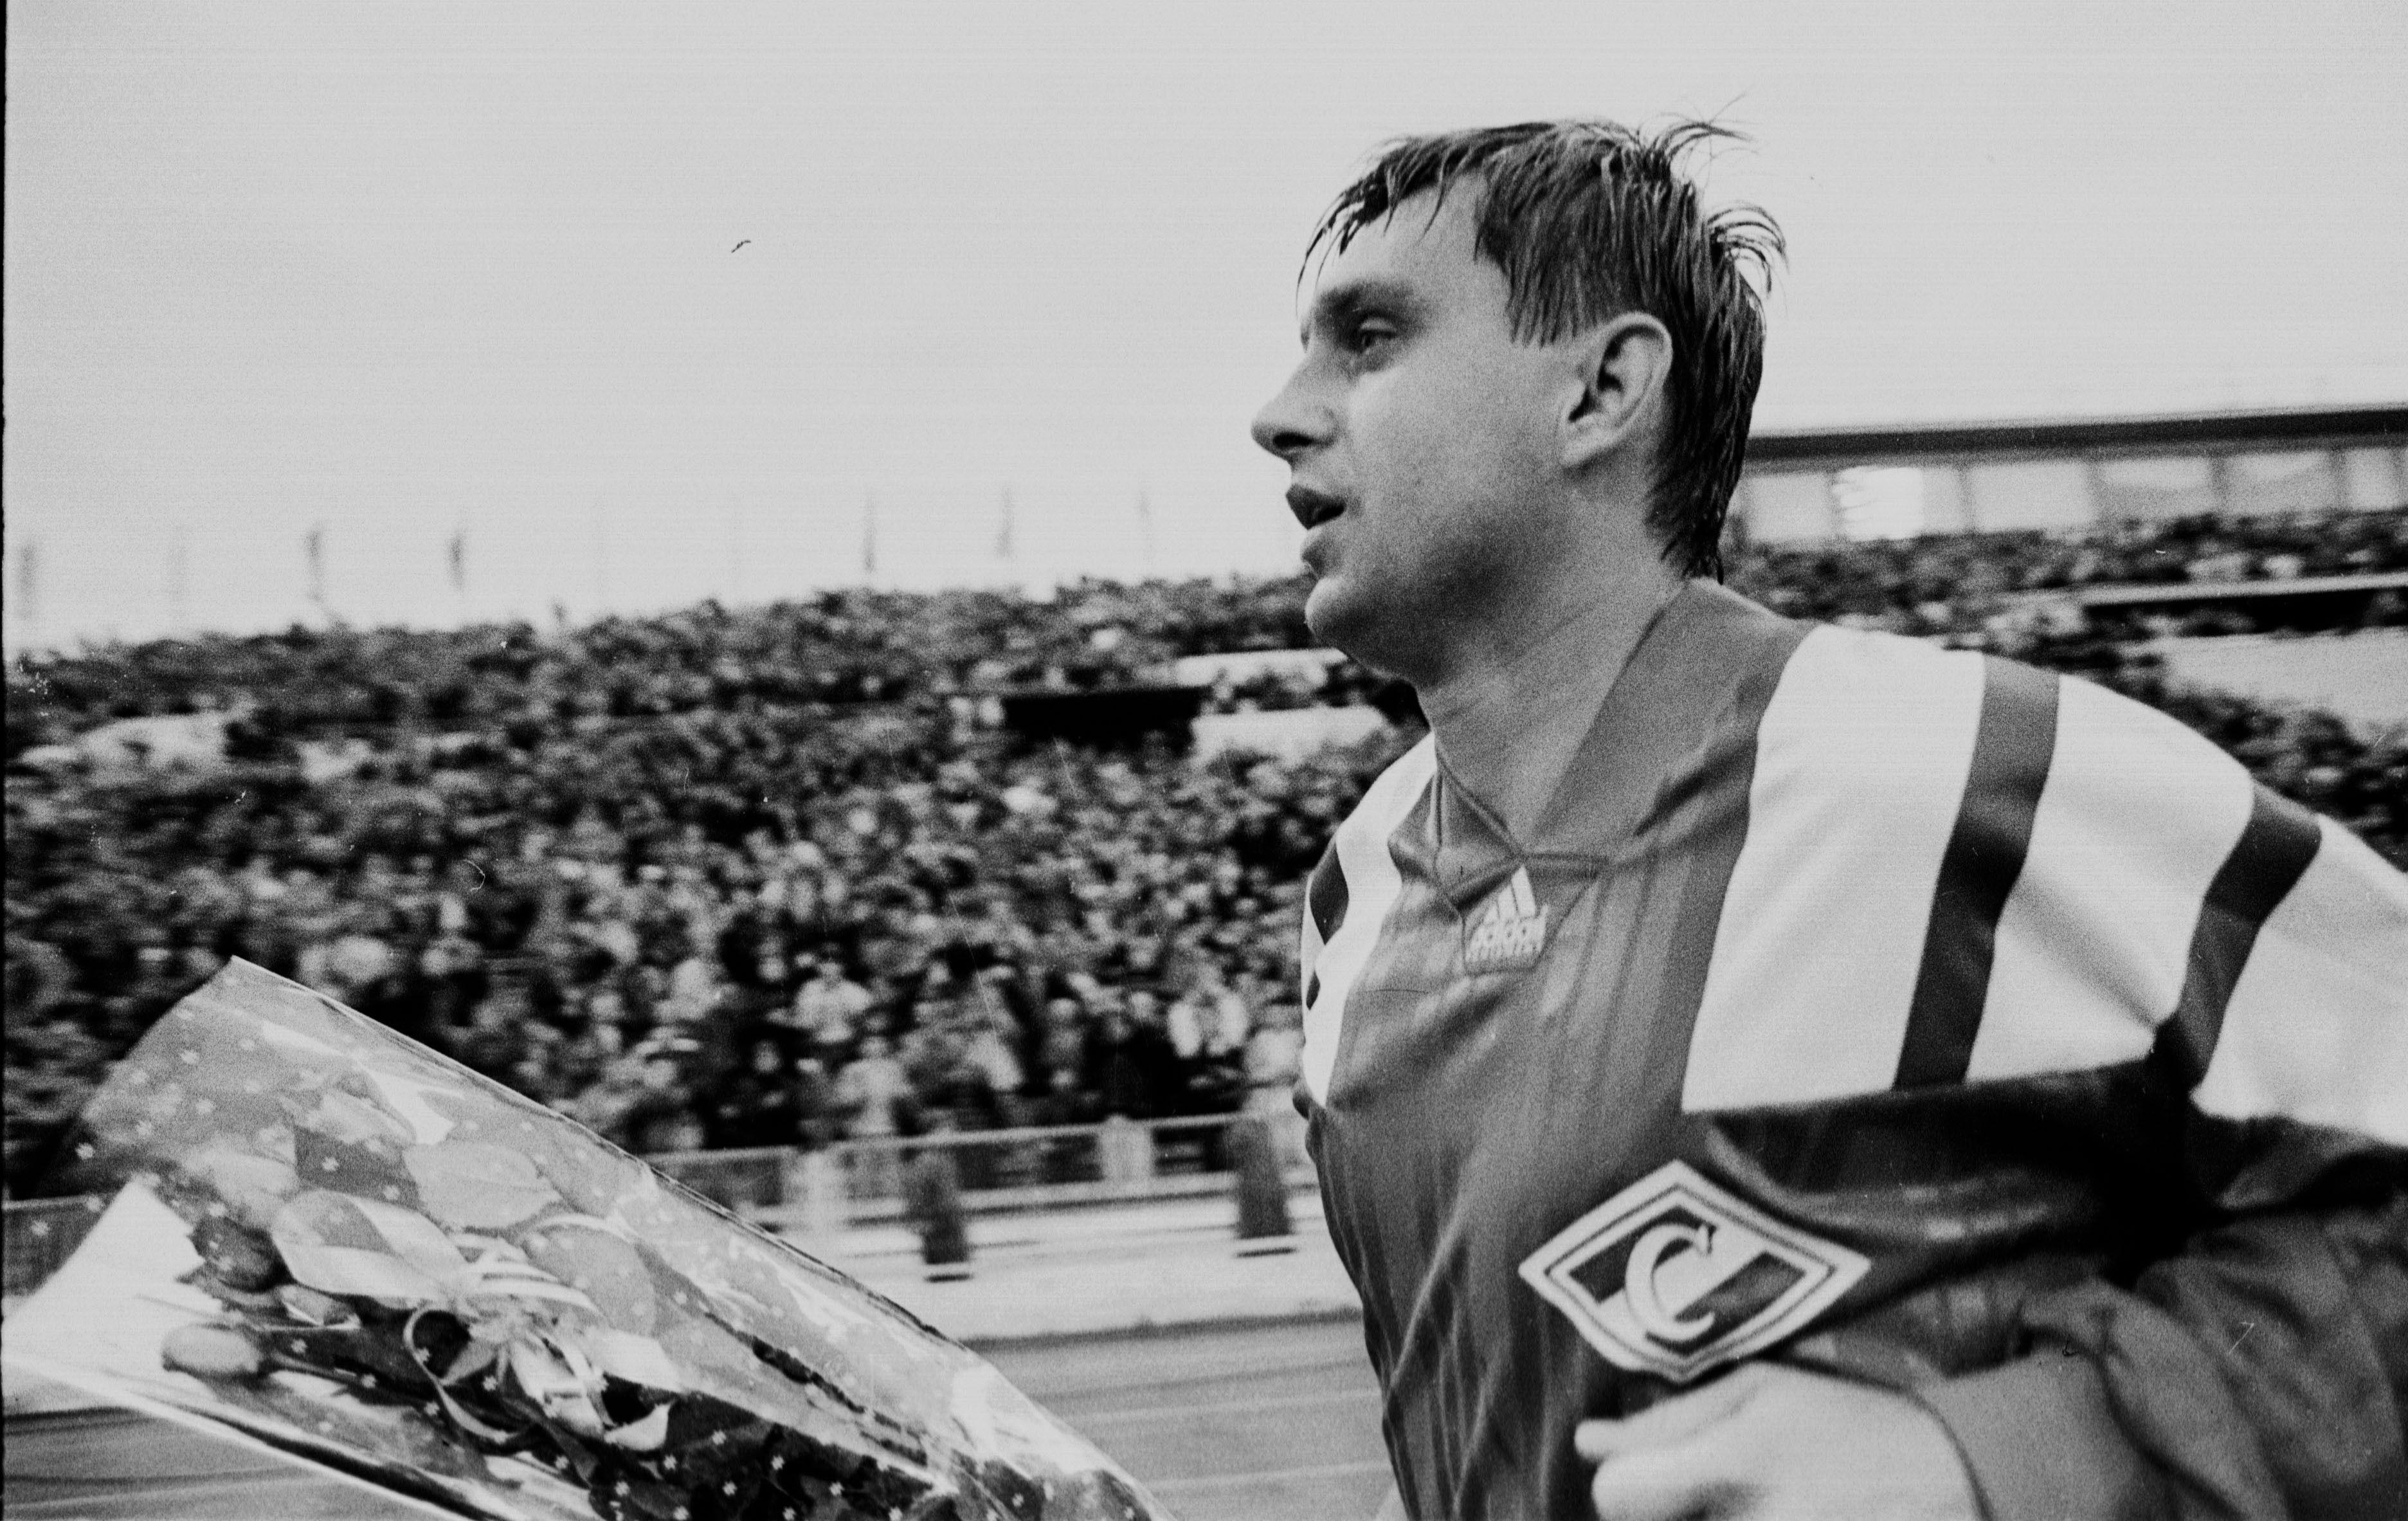 27 лет назад состоялся прощальный матч Федора Черенкова. Любимый футболист ушел под «Виват, король!»